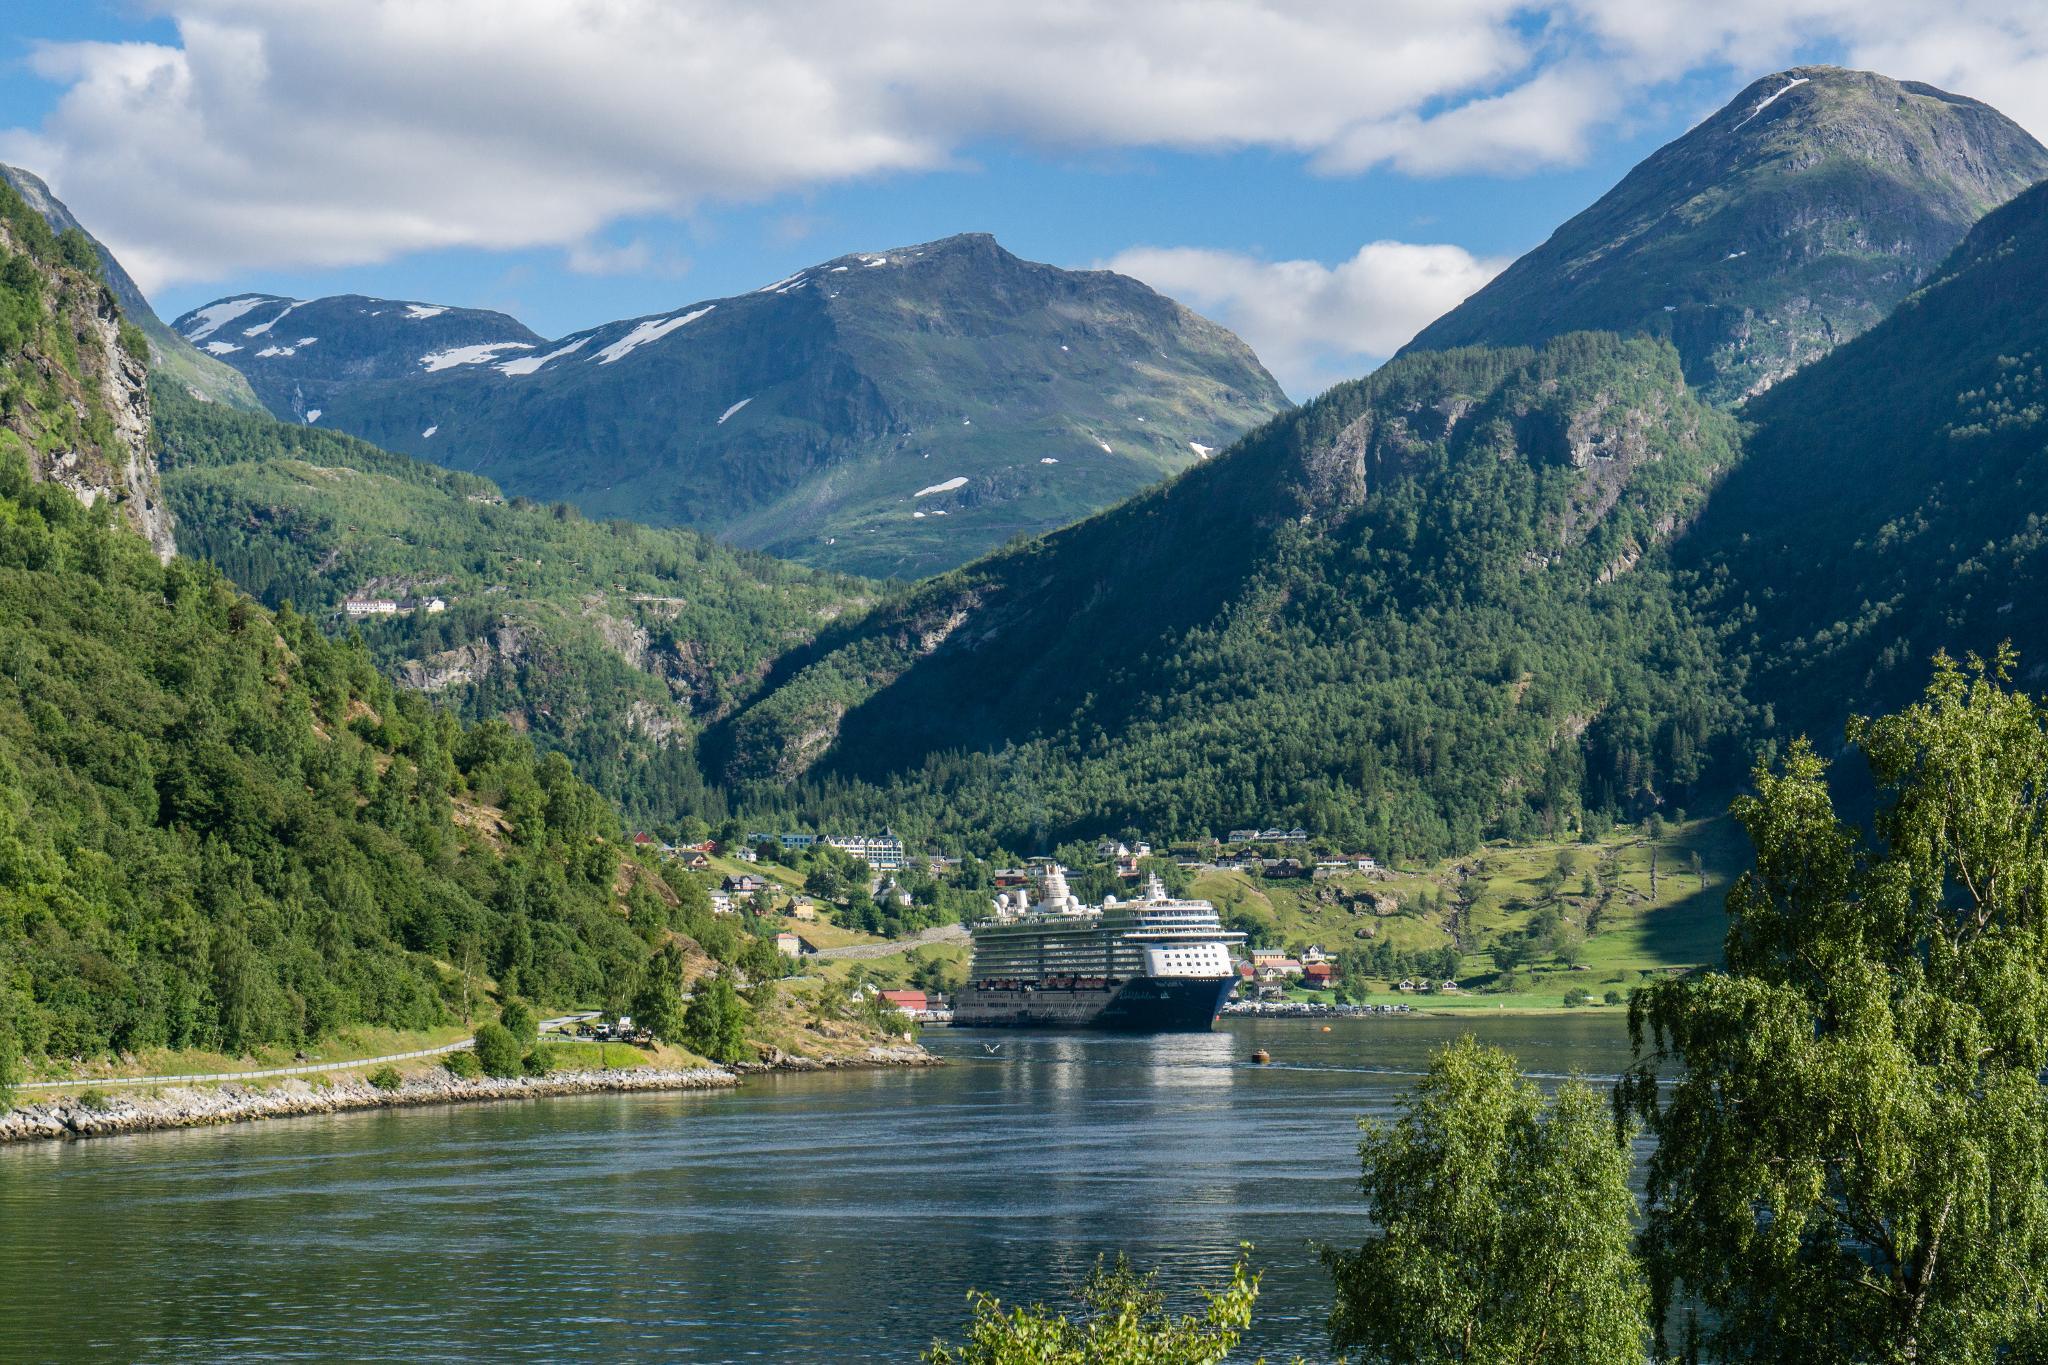 【北歐景點】Ørnesvingen 老鷹之路 ∣ 挪威世界遺產 — 蓋倫格峽灣景點總整理 17